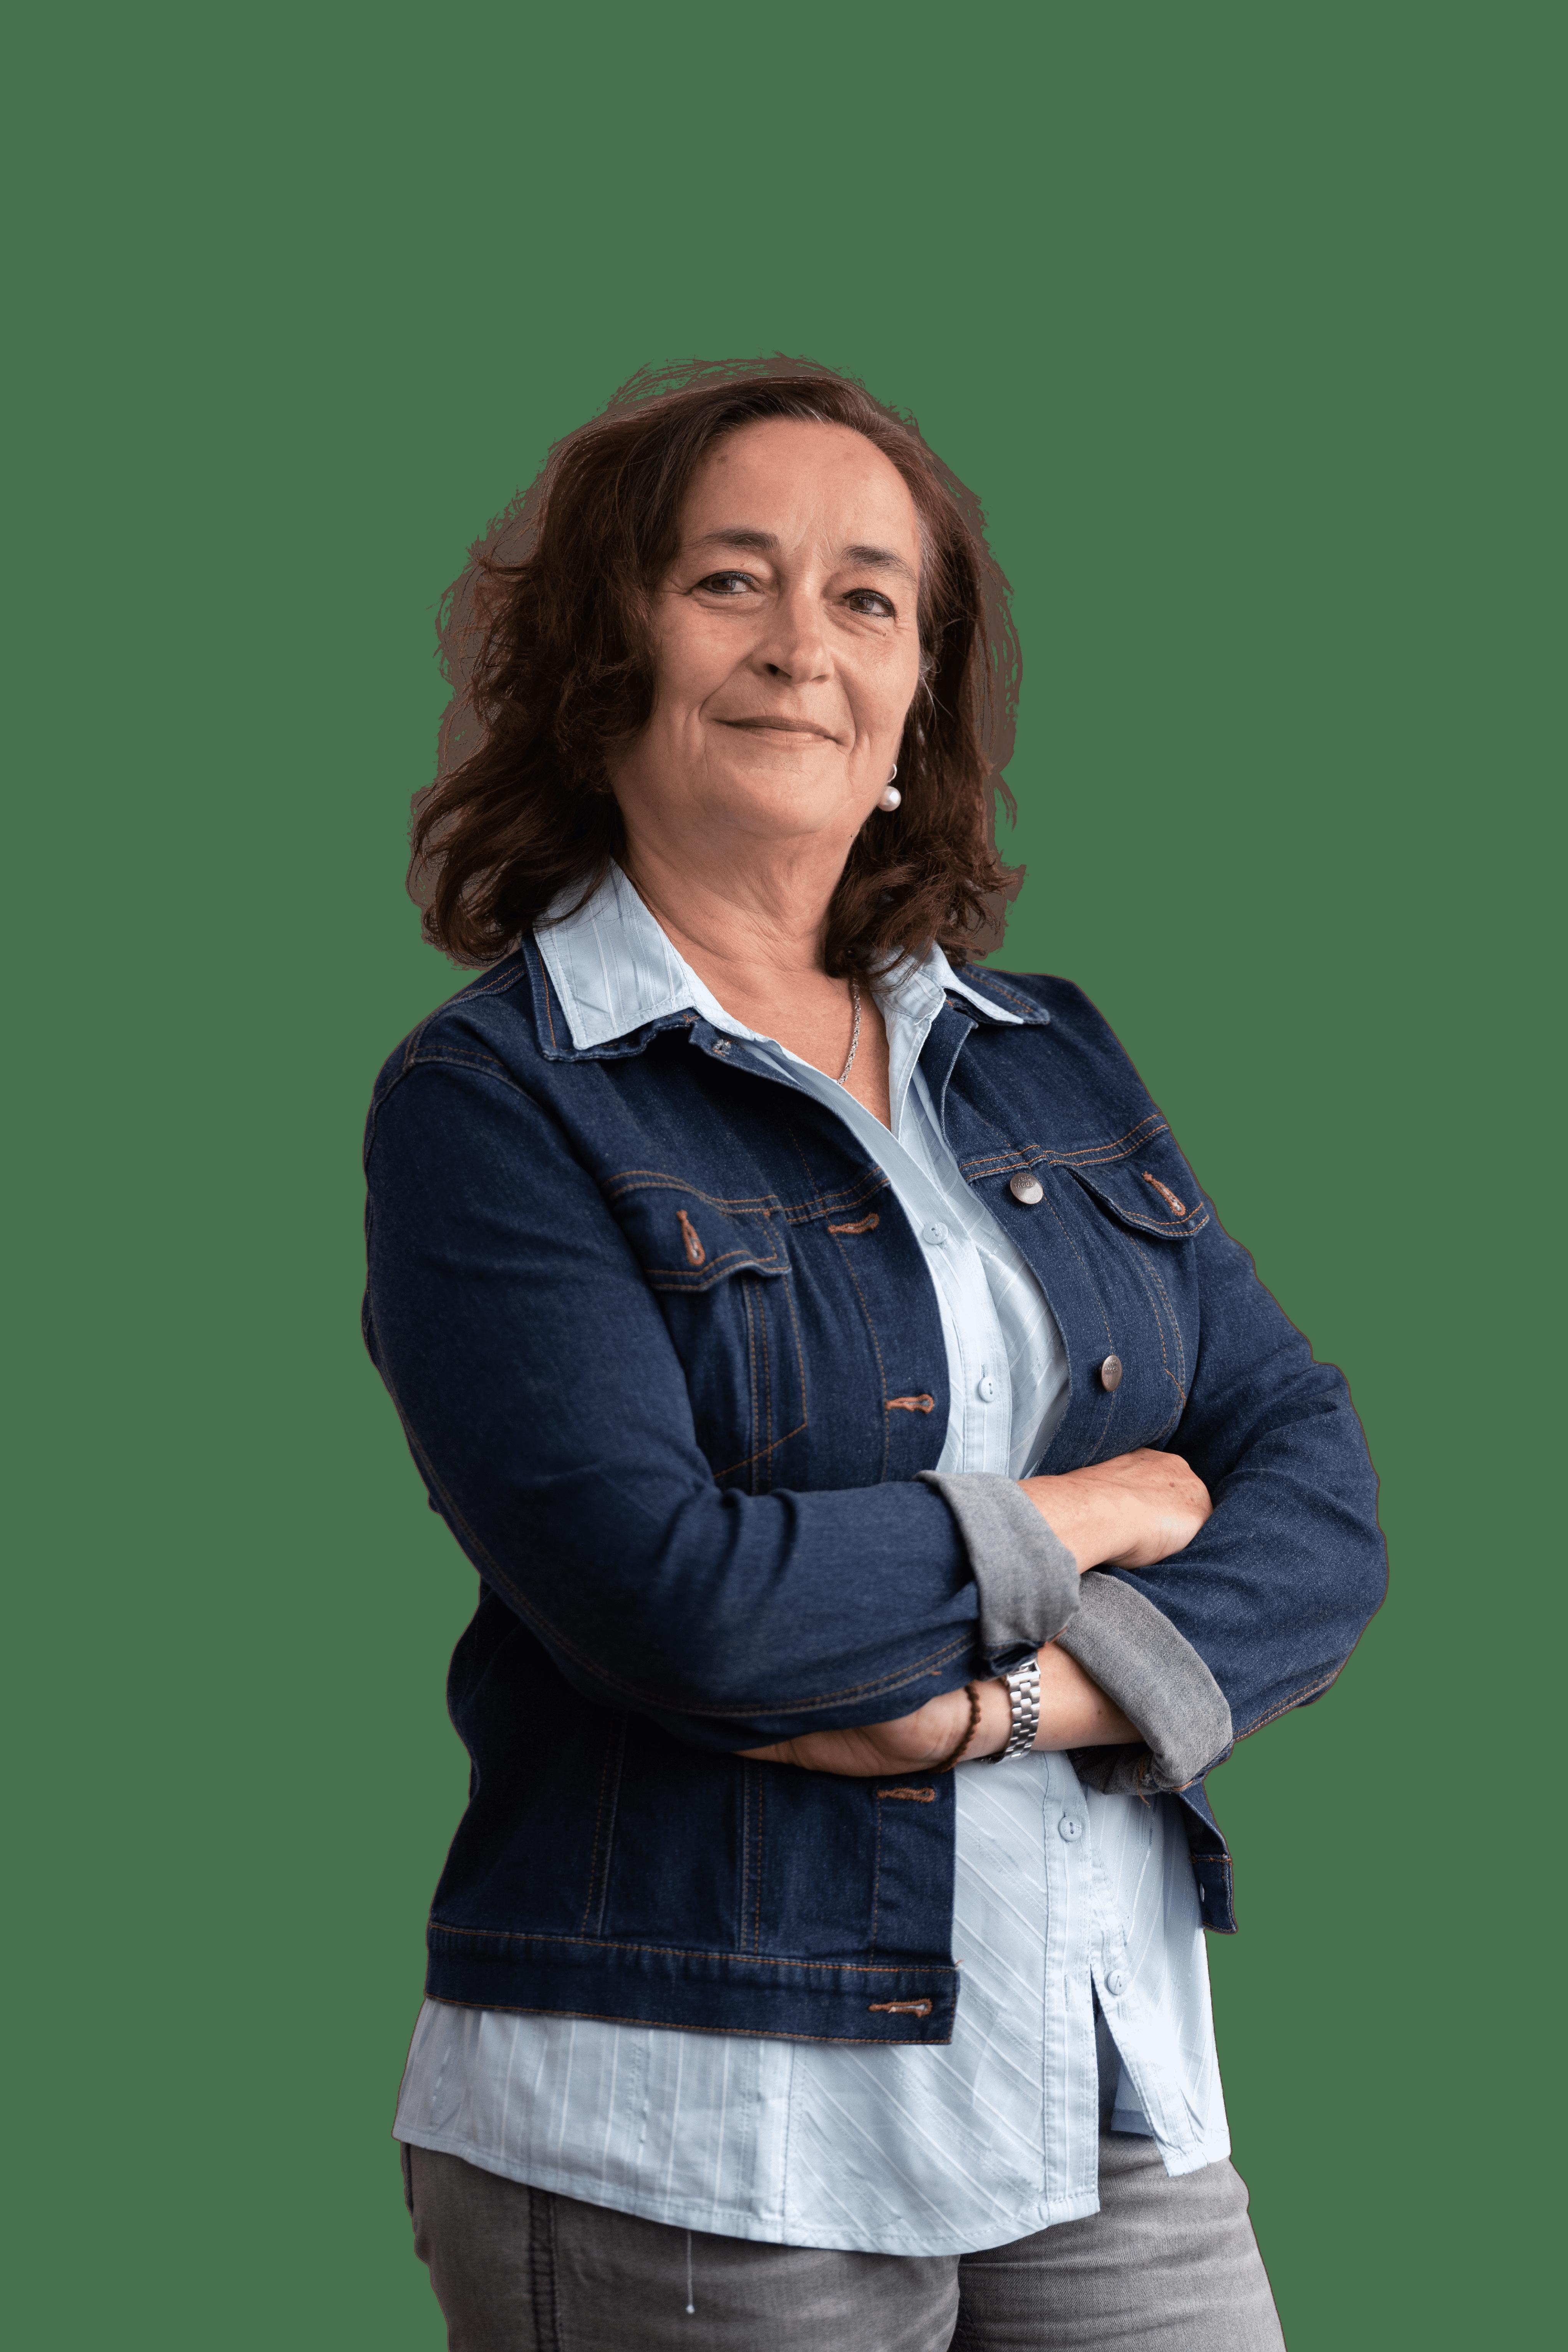 Sonja Rosenberg